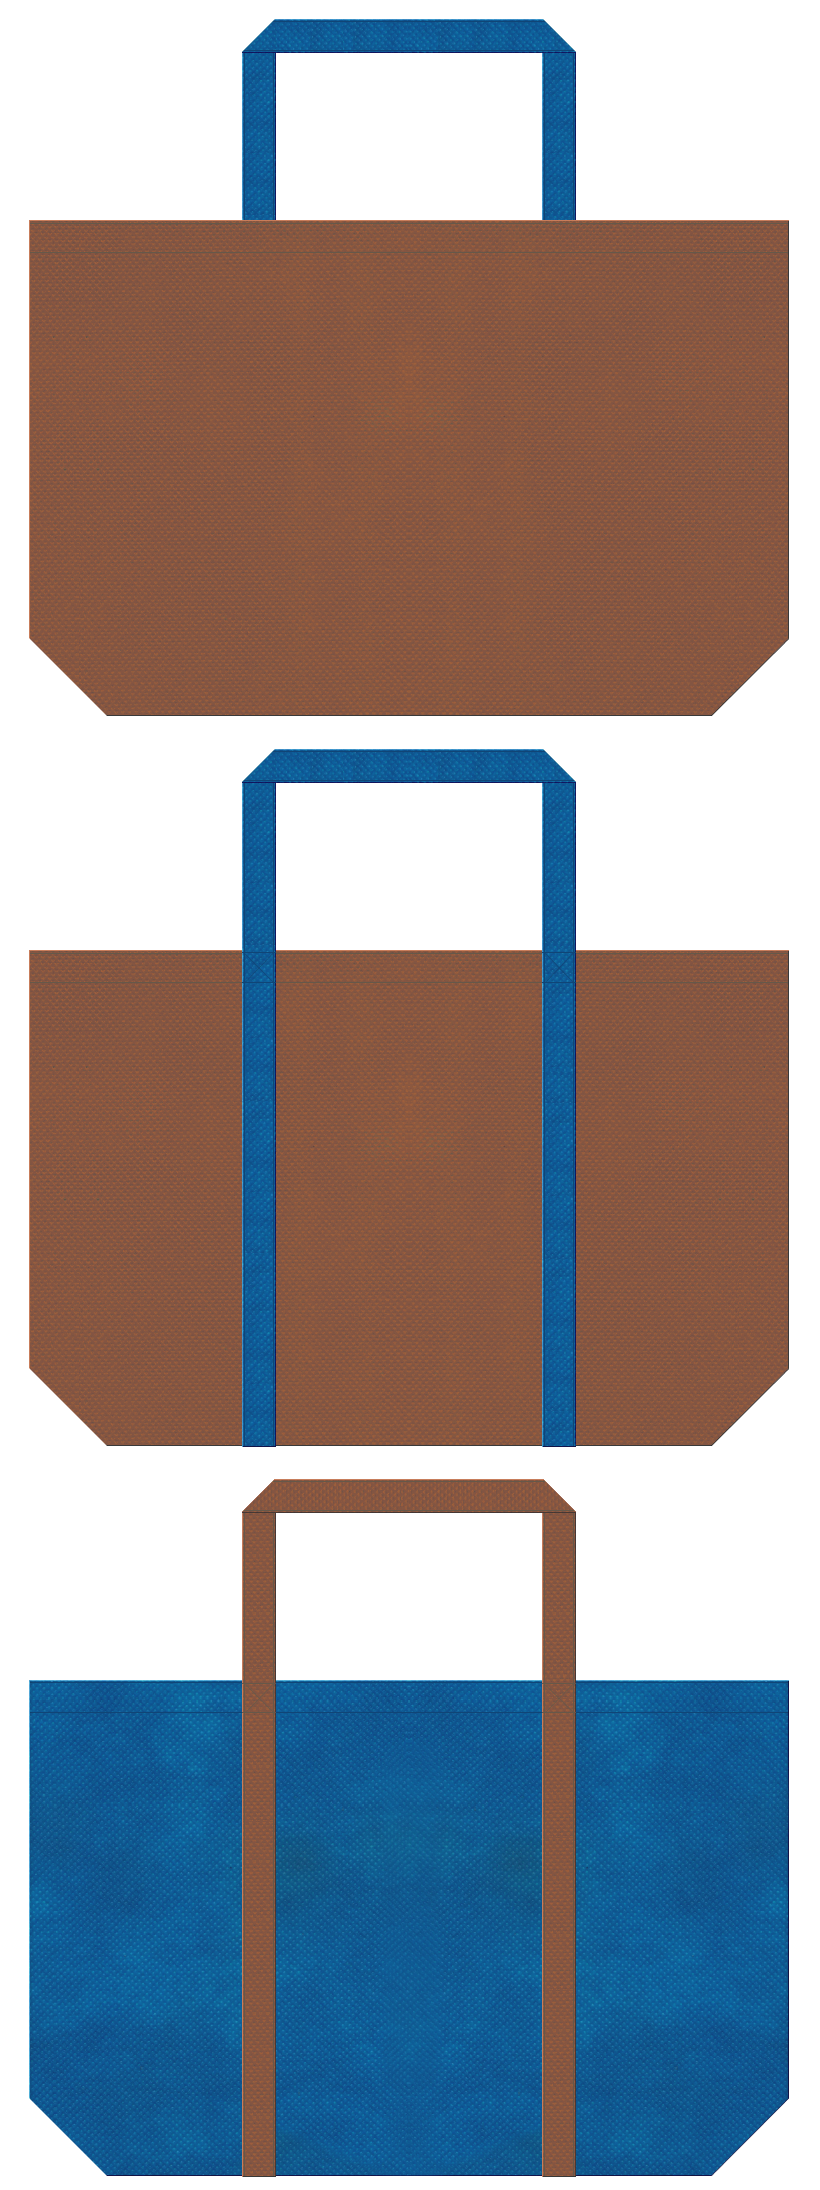 茶色と青色の不織布ショッピングバッグデザイン:父の日ギフト用にお奨めです。